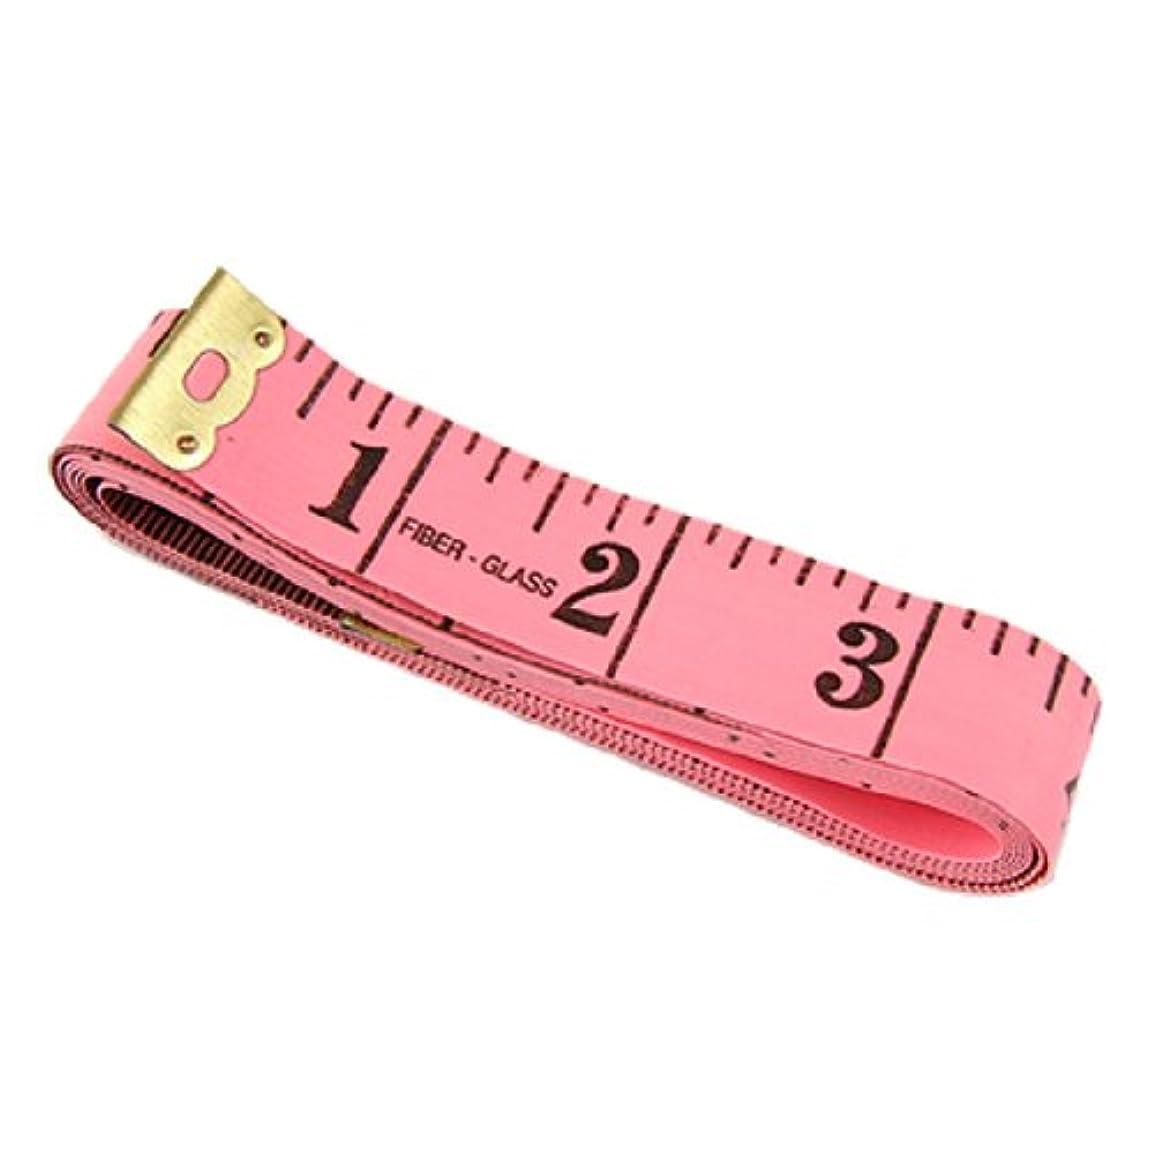 キャラクターご覧くださいよろめくuxcell 巻尺 テープメジャー ダブル側 1.5M測量範囲 ピンク メタル製 ブラック 1mm精密さ